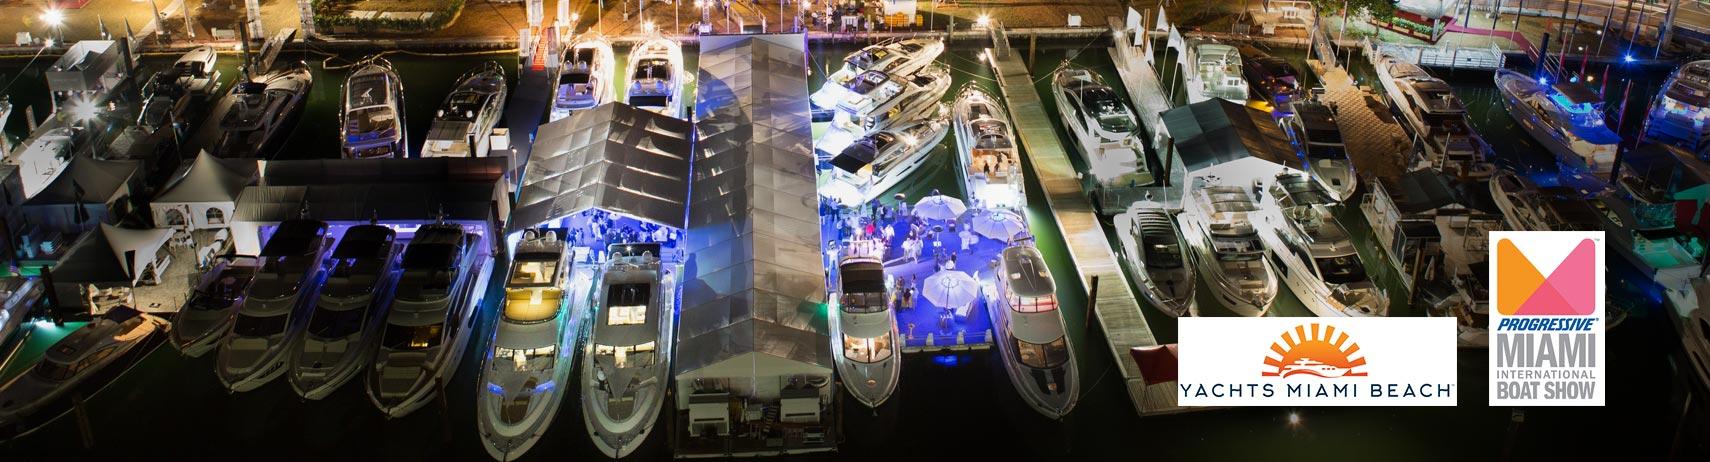 Miami-Boat-Show